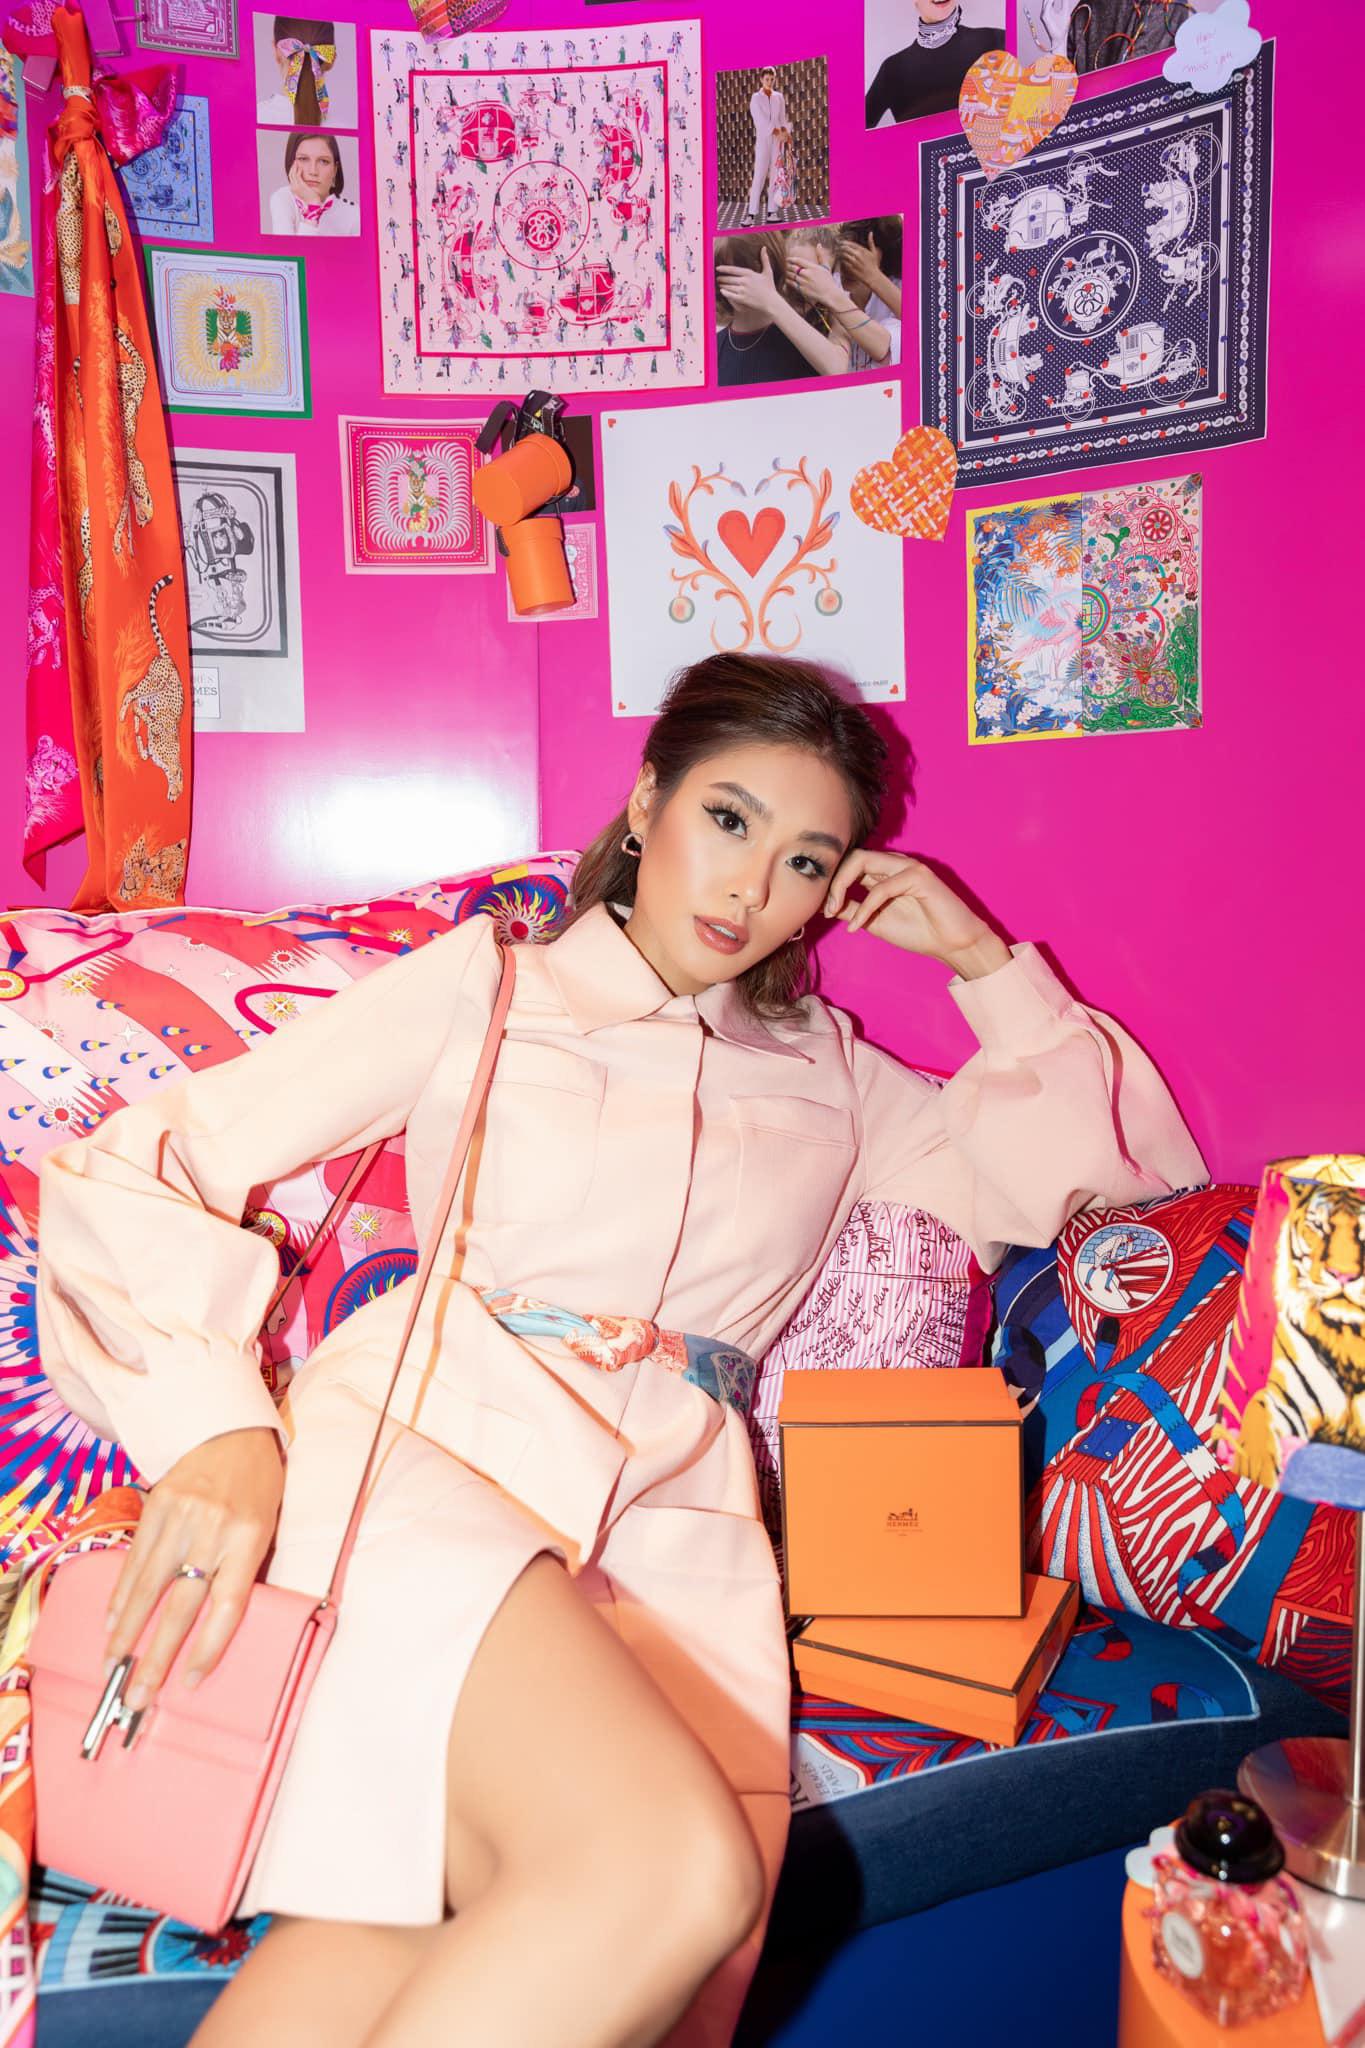 """Tú Hảo, Hòa Minzy, Khánh Linh, Amee và dàn sao Sài thành nô nức check-in """"Căn phòng hồng"""" tại cửa hàng Hermès - Ảnh 6."""